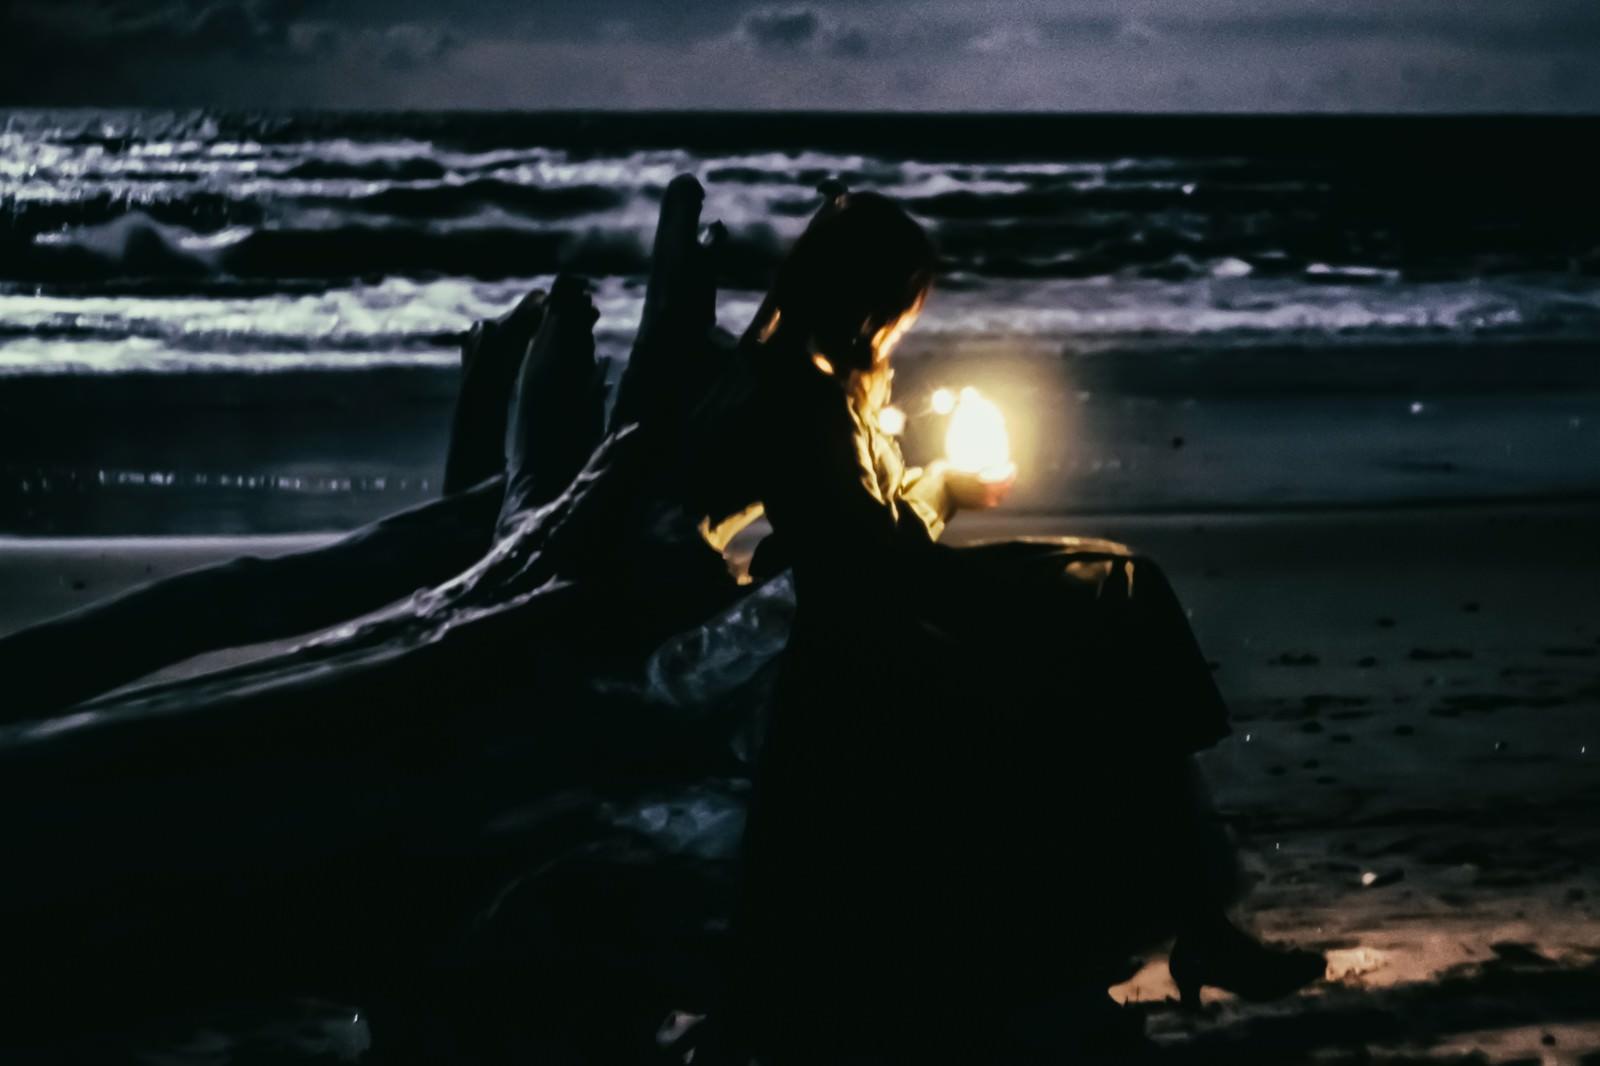 「流木と暗闇を照らす灯り | 写真の無料素材・フリー素材 - ぱくたそ」の写真